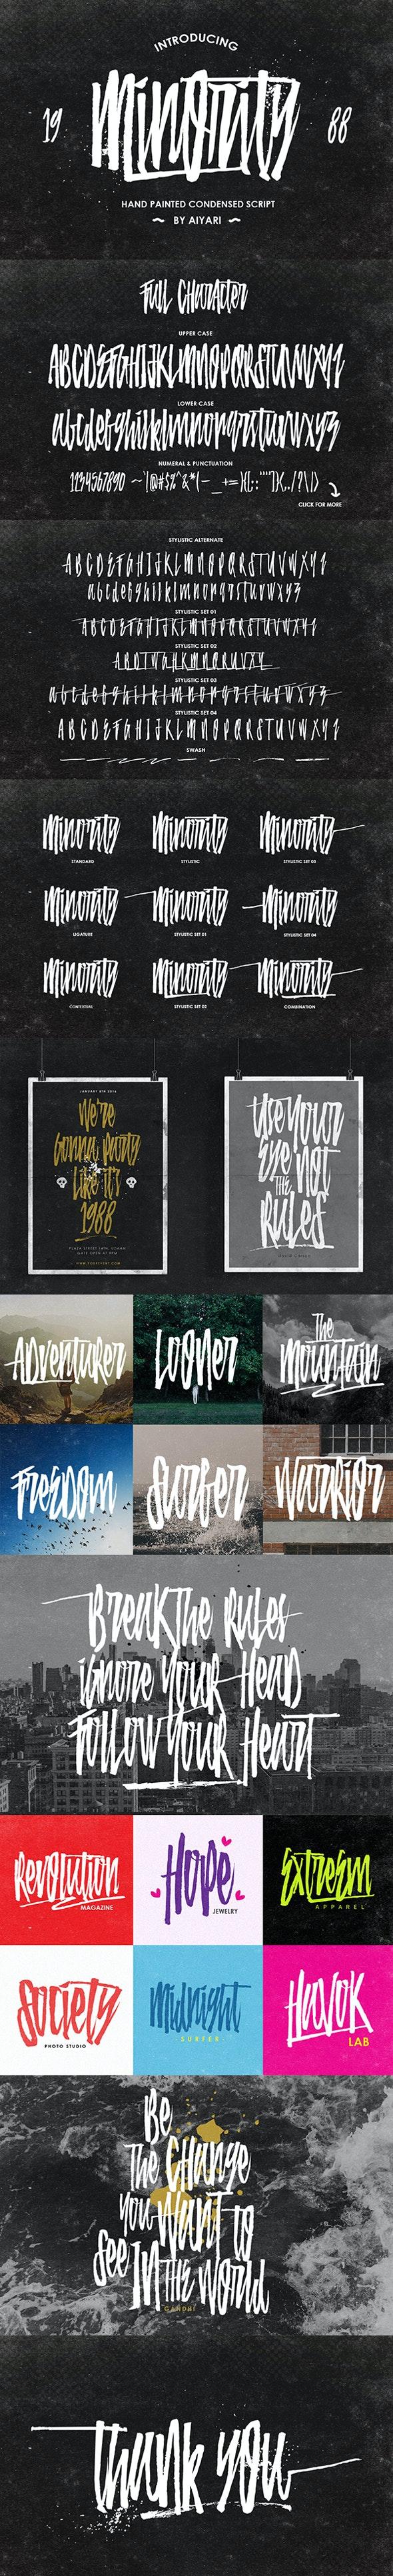 Minority - Script Fonts